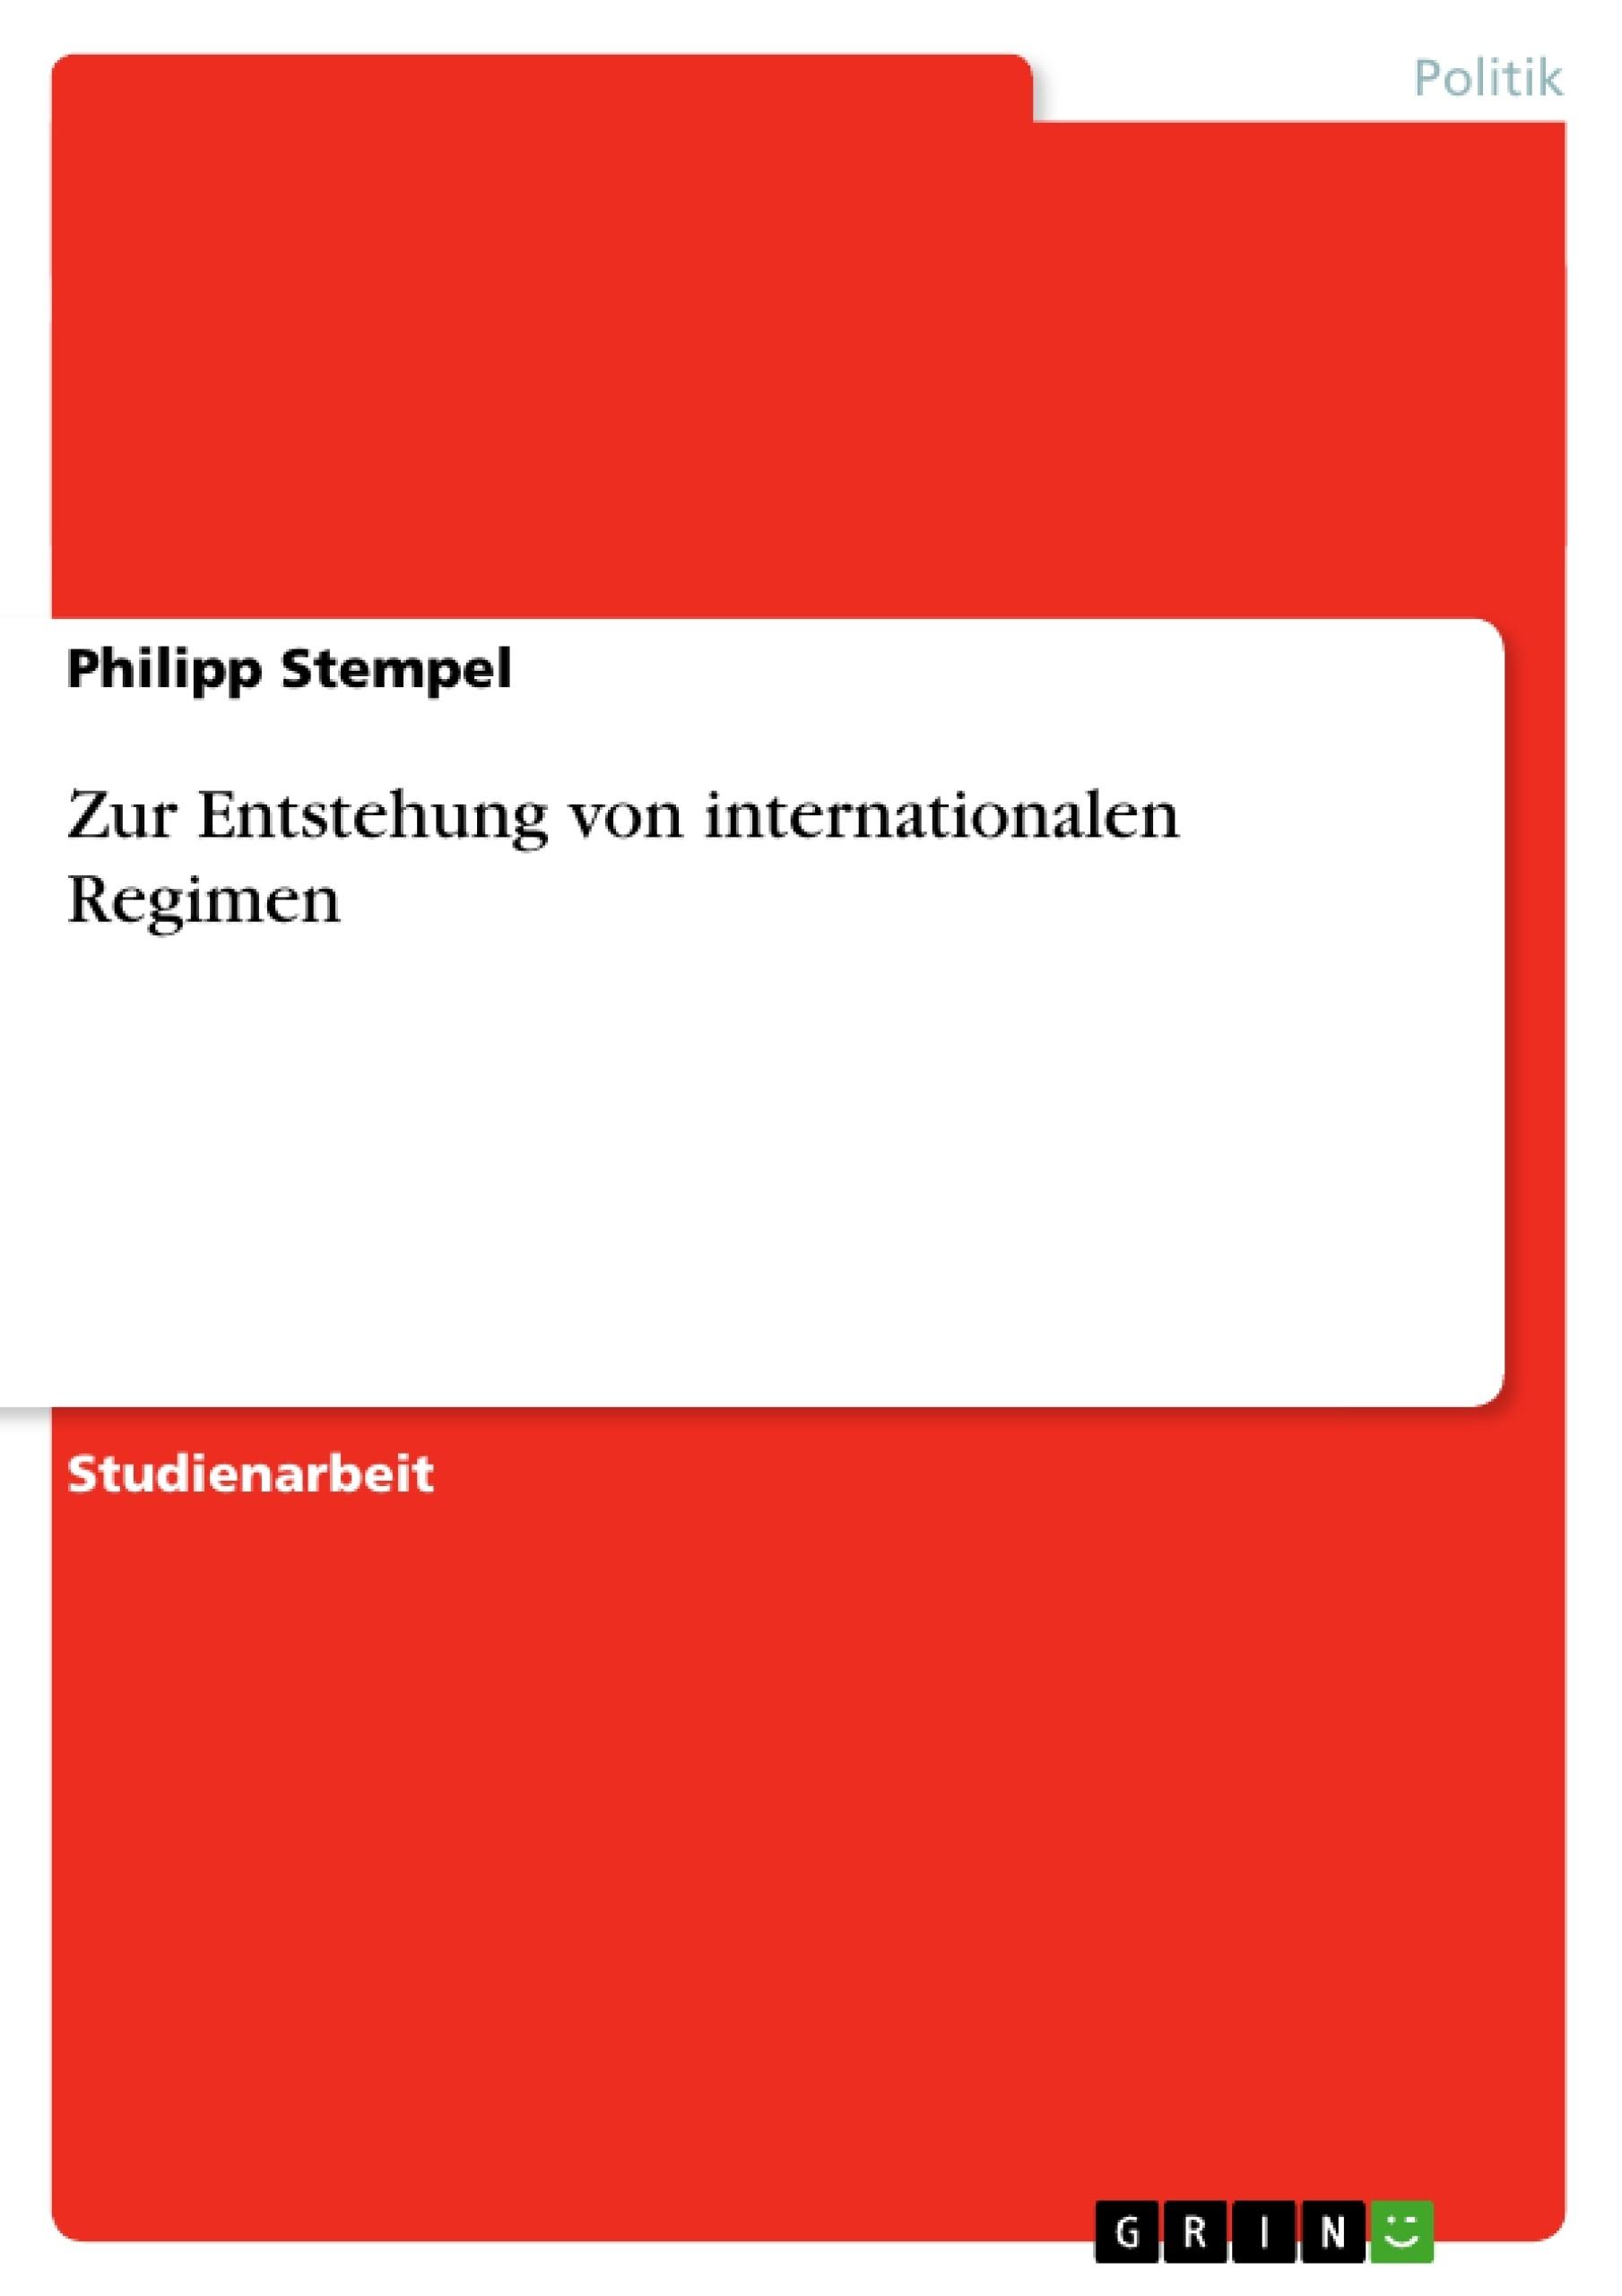 Titel: Zur Entstehung von internationalen Regimen